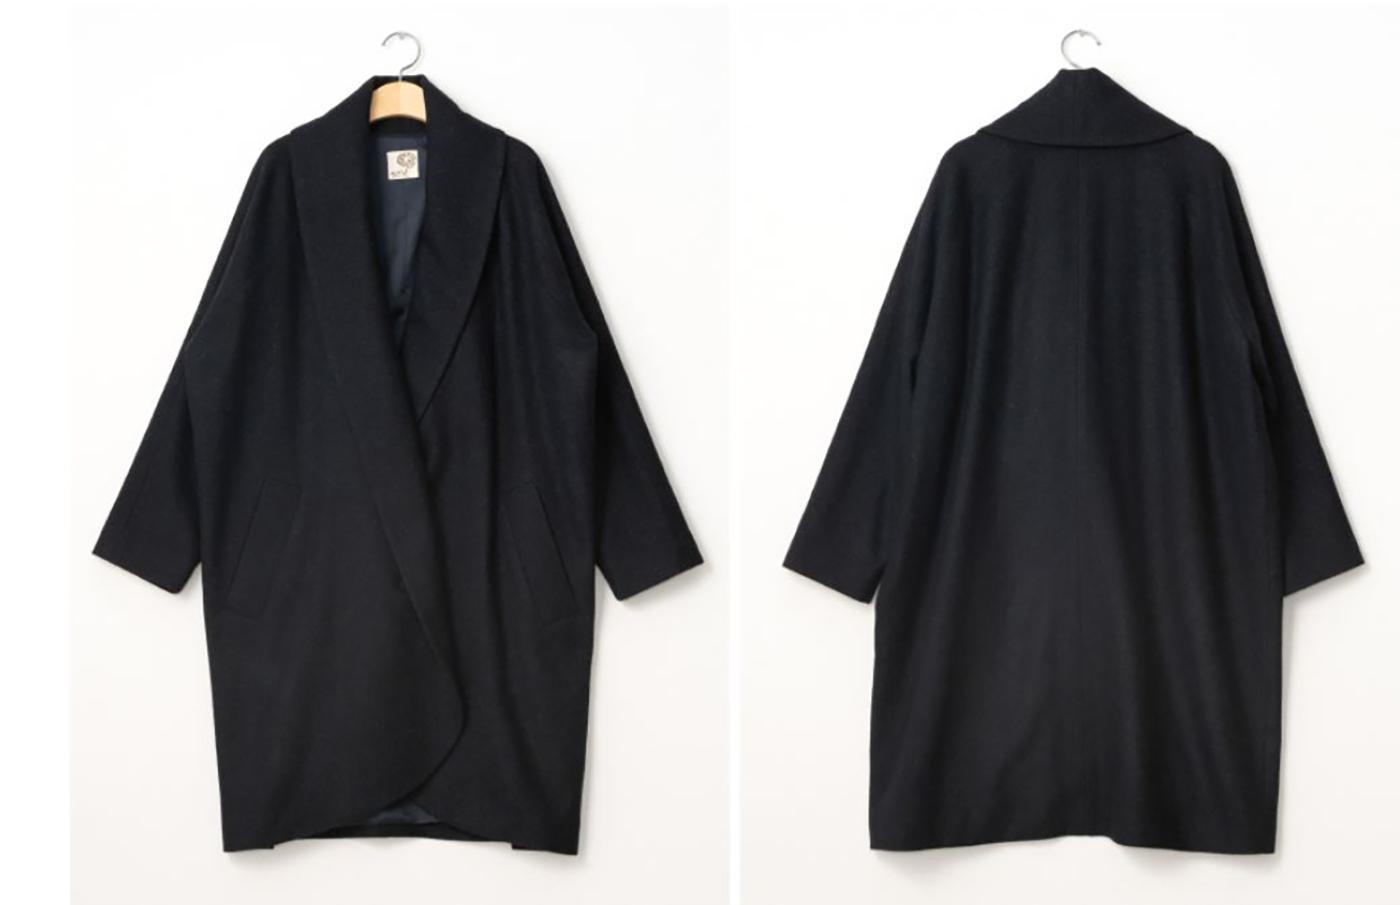 은하수 울실크 코트/요즘 같은 날씨에 입기 딱 좋은 은하수 울실크 코트 상세이미지6